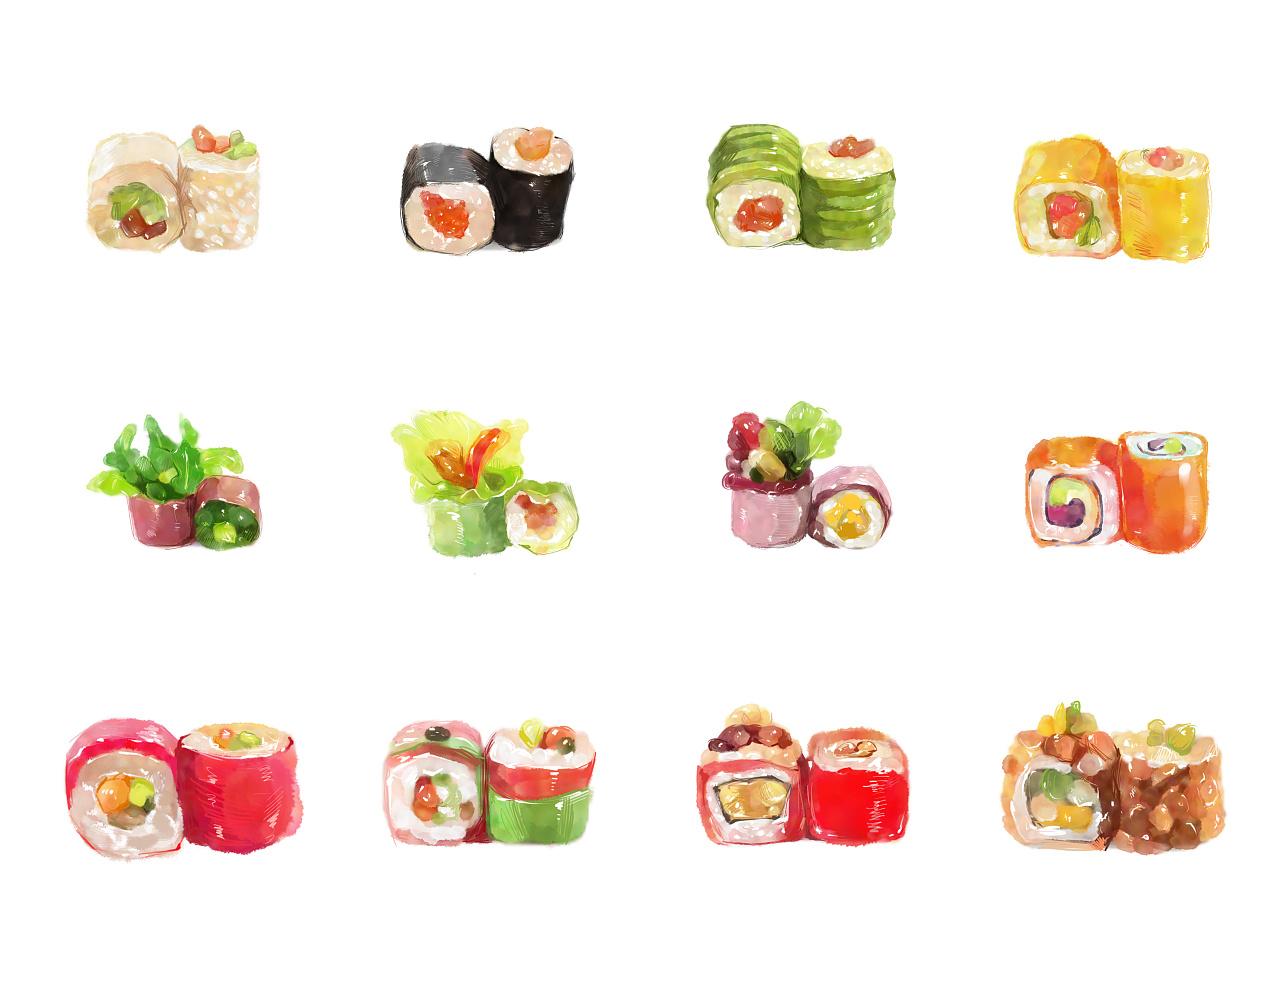 寿司图片 卡通图片